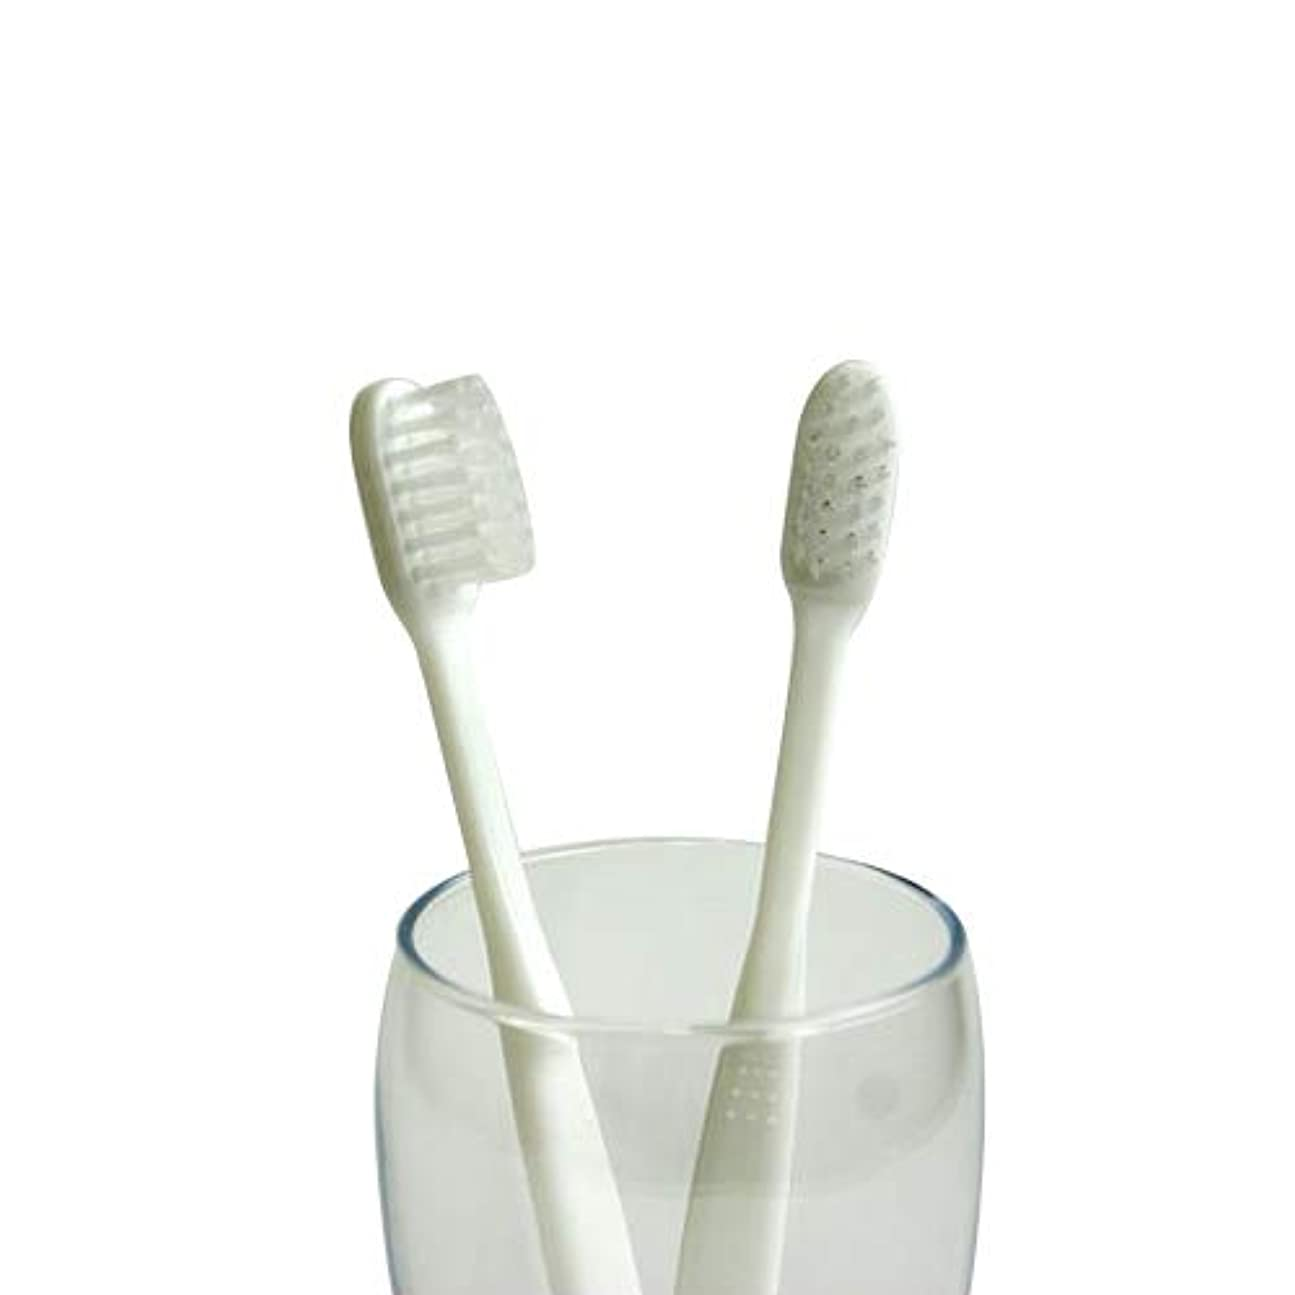 アンデス山脈ヘッドレス誰も業務用使い捨て歯ブラシ(ハミガキ粉無し) 500本入り│口腔衛生用 清掃用 掃除用 工業用 ハブラシ はぶらし